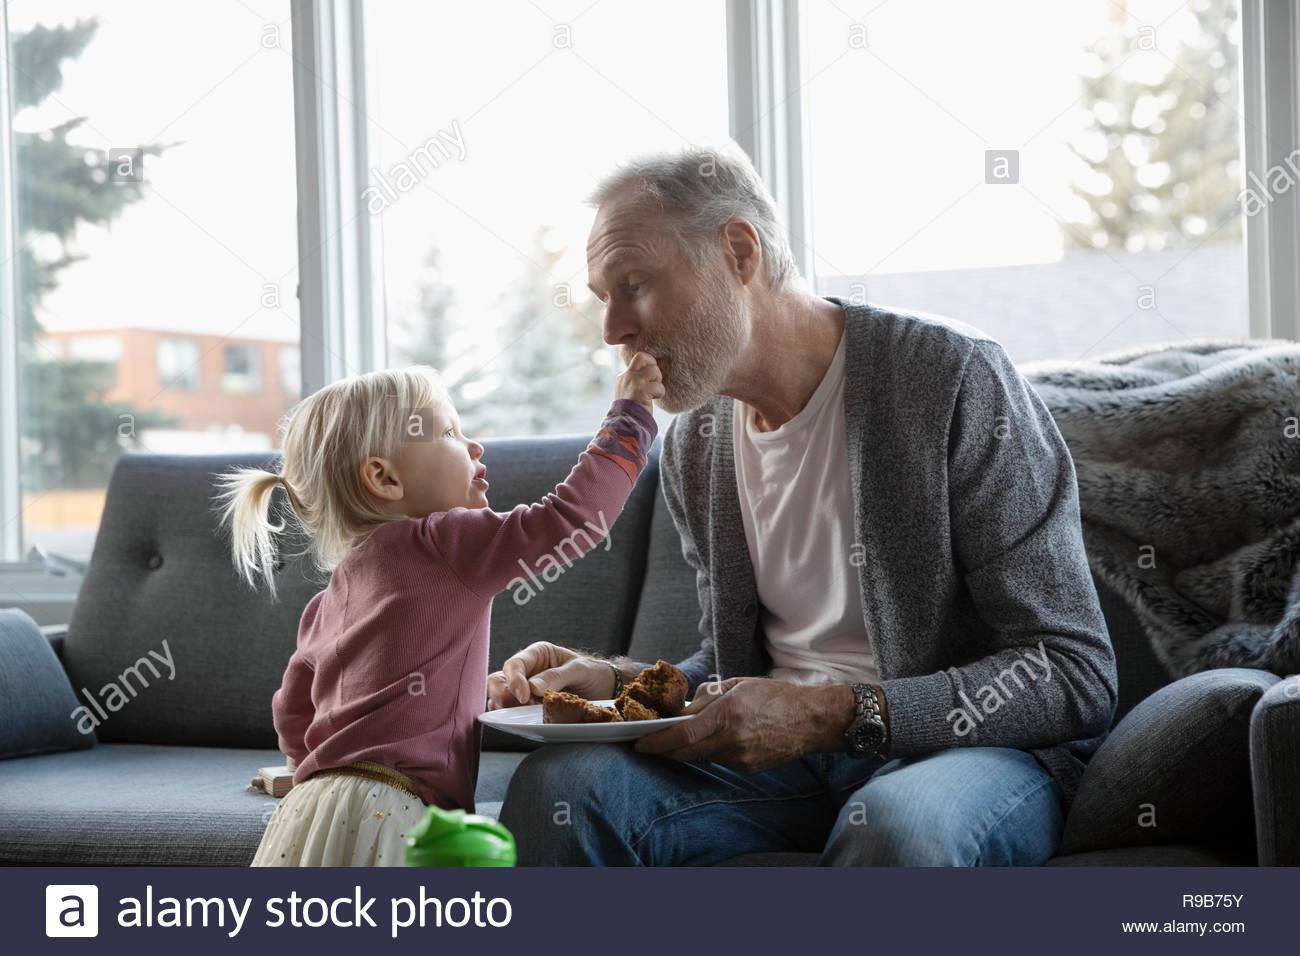 Petite-fille adorable grand-père d'un muffin en salon canapé Photo Stock